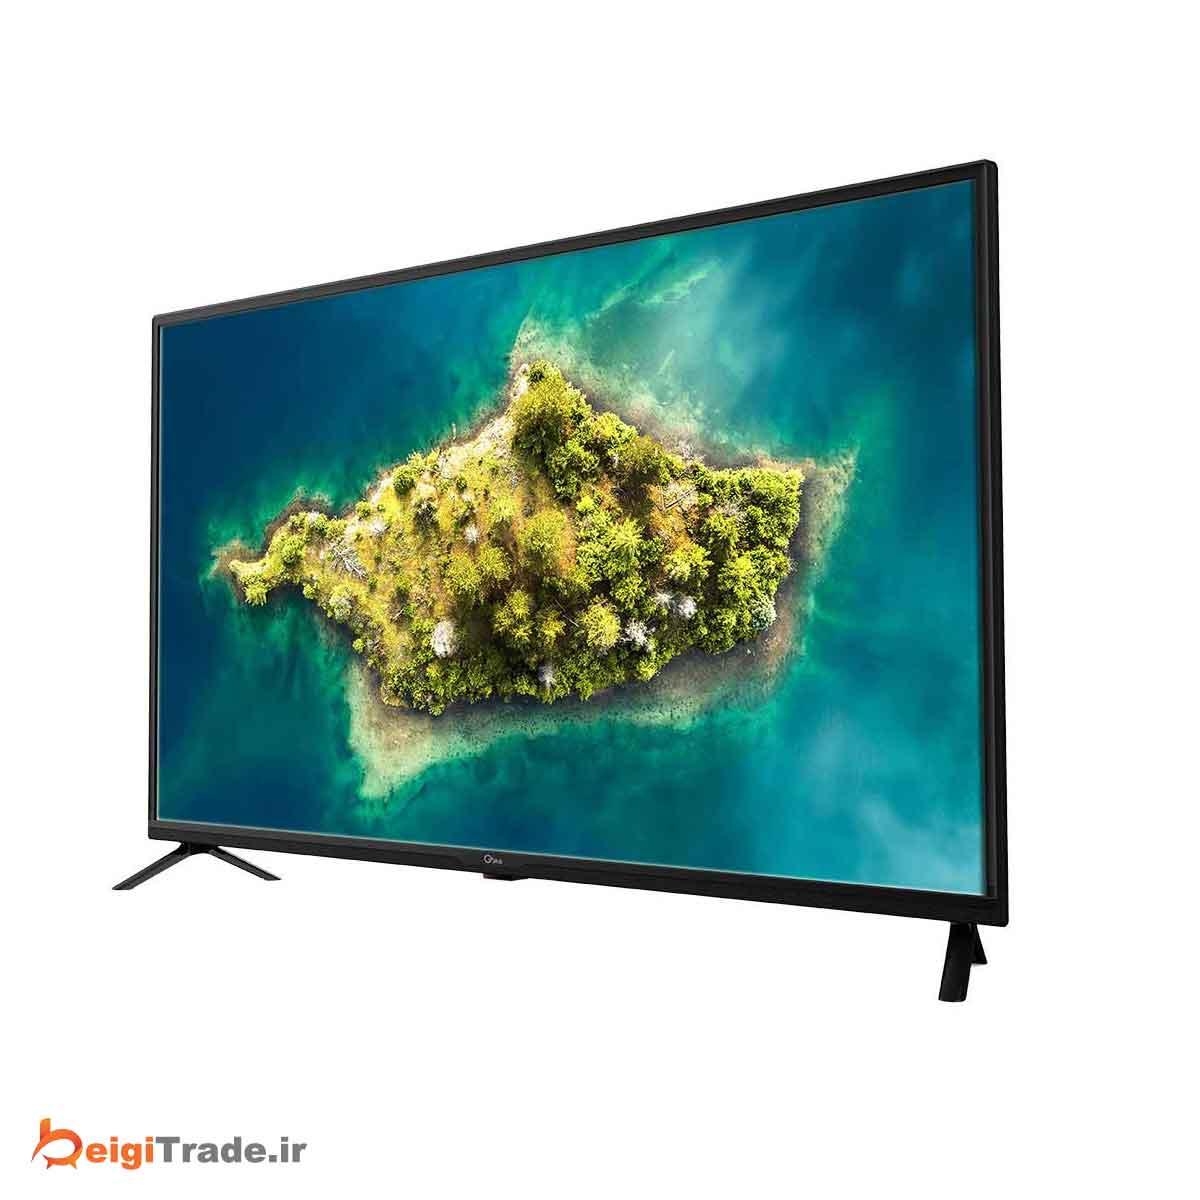 تلویزیون-43-اینچ-LED-جیپلاس-مدل-GTV-43JH412N